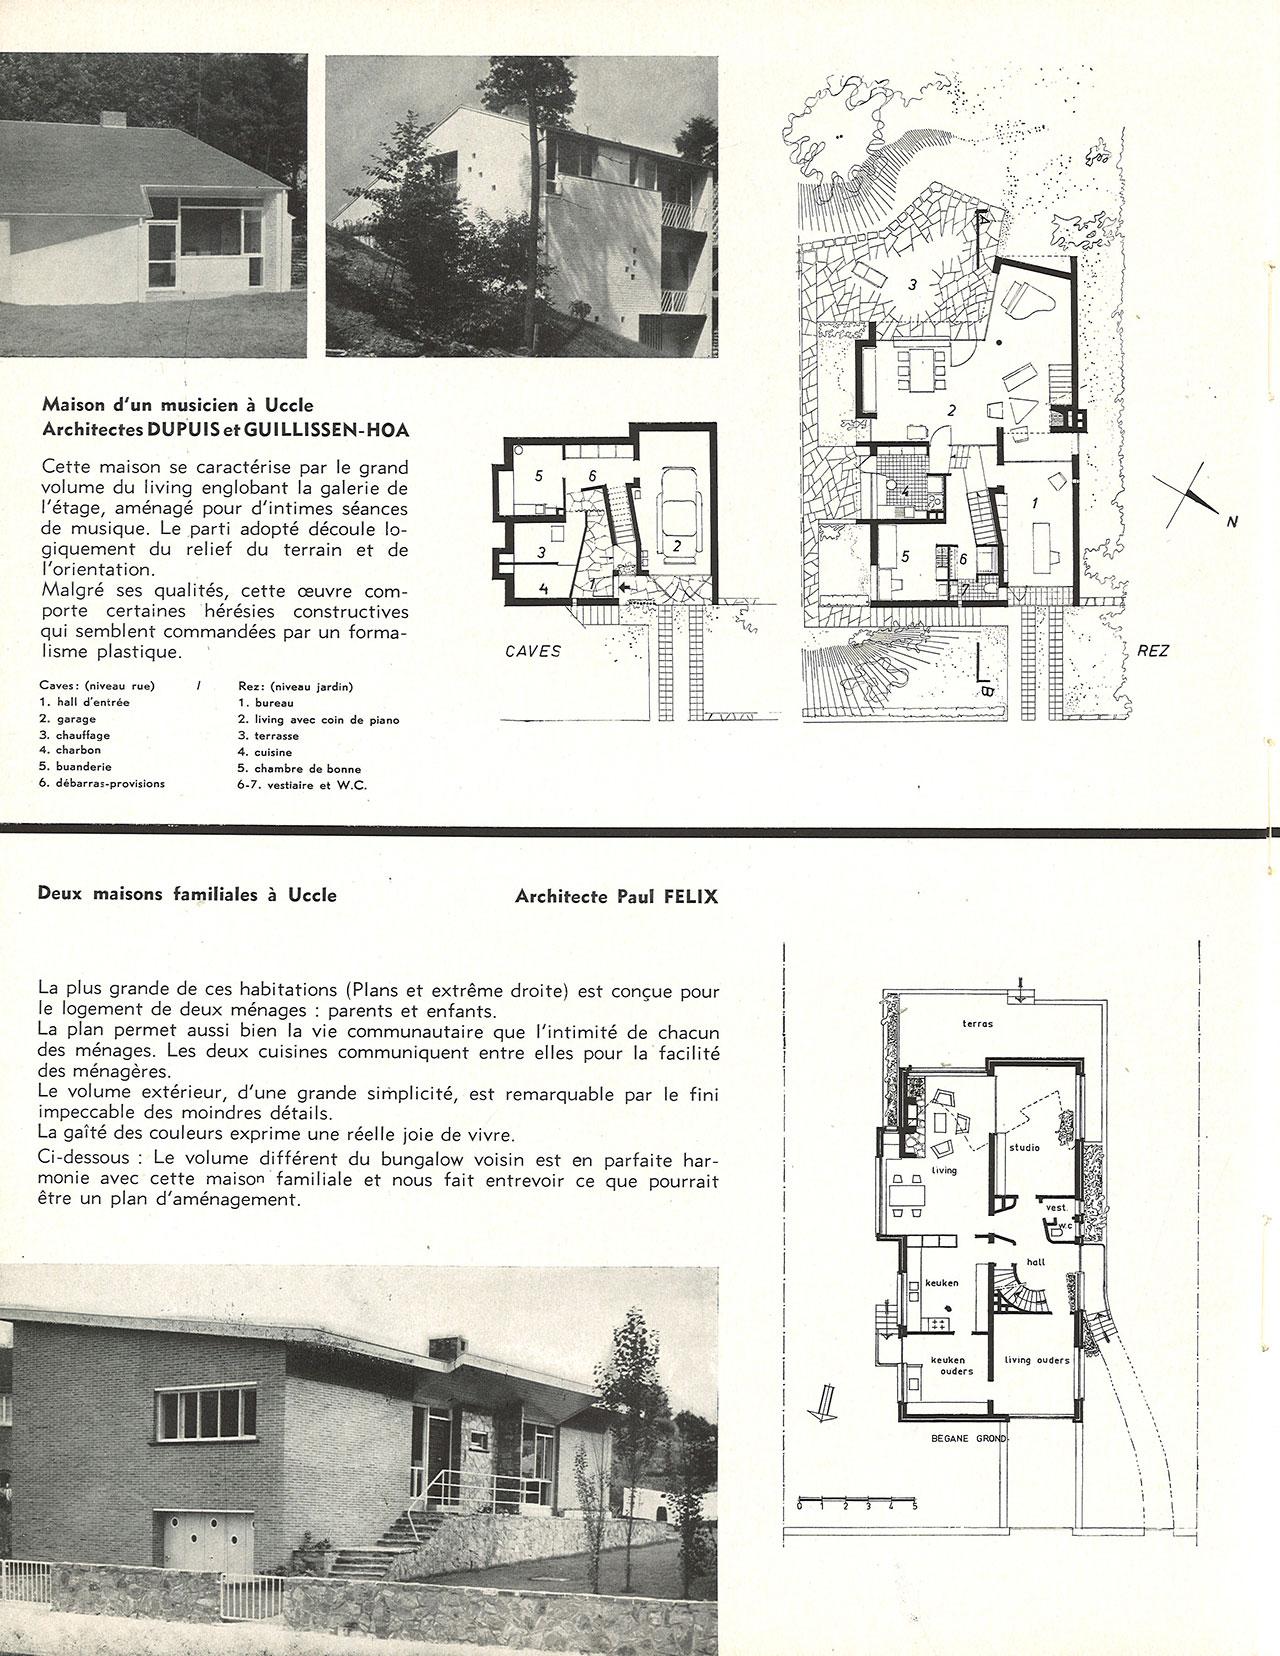 Deux maisons familiales à Uccle